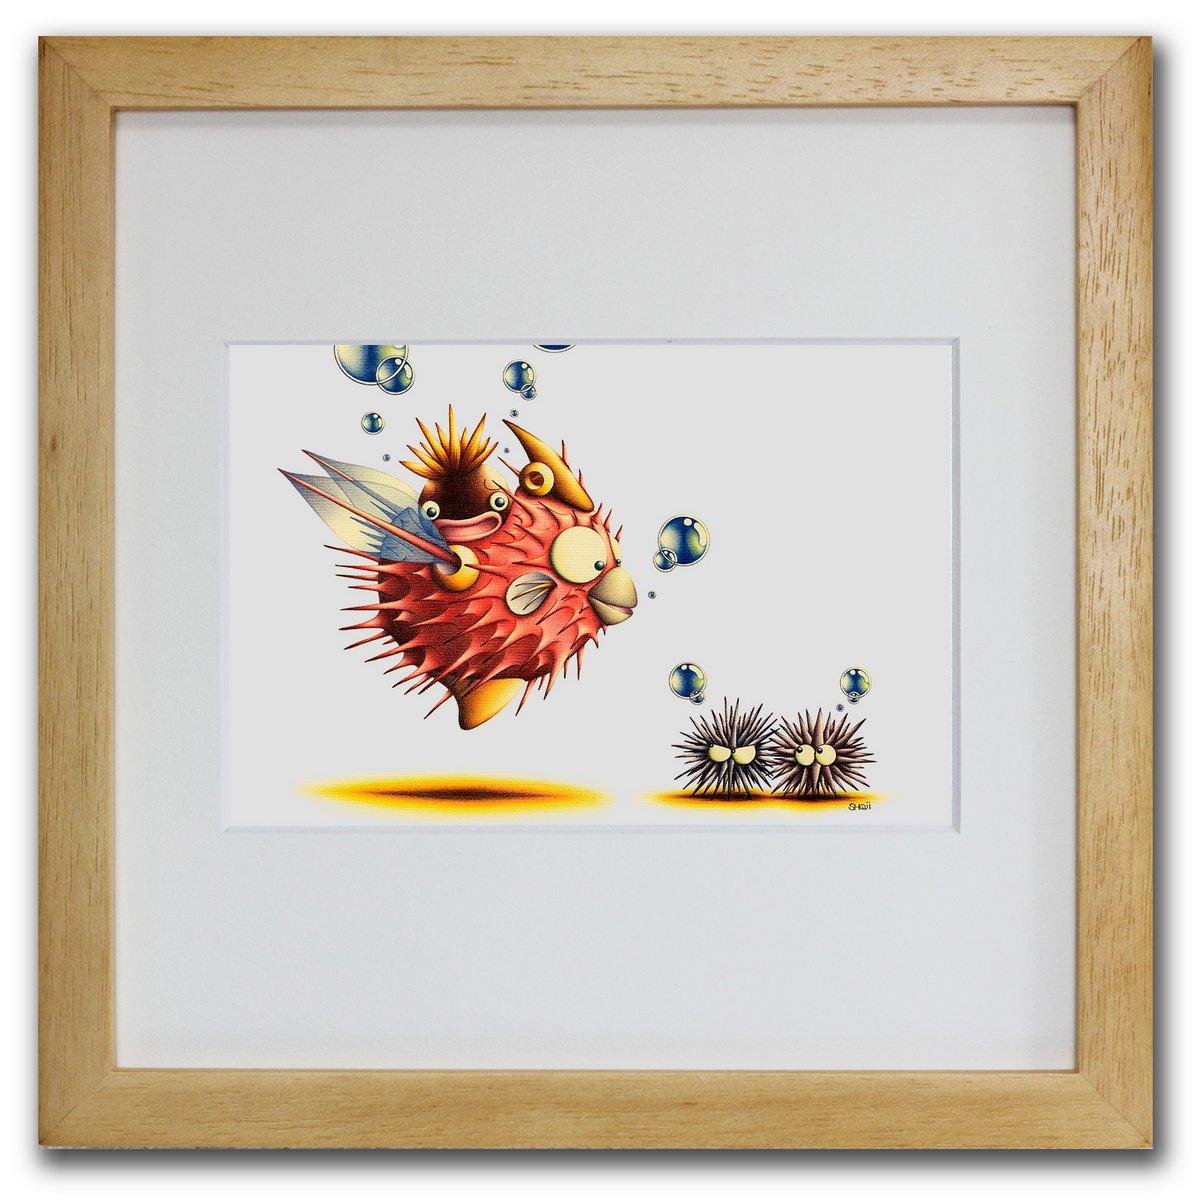 壁掛けアートは リビングや玄関におすすめのインテリア 絵画といえばルノワール ゴッホのひまわりといった名画が有名 人気 おすすめ かわいい壁飾りはお部屋を癒やしてくれそう プレゼントにも 色鉛筆画 版画 ゆうパケット 針棘遊魚 SHOji インテリア 壁掛け 額入り 額装込 国内即発送 Sサイズ 玄関 おしゃれ 油絵 アートフレーム 飾る モダン アートパネル 巣ごもり リビング プレゼント 風景画 ポスター アート